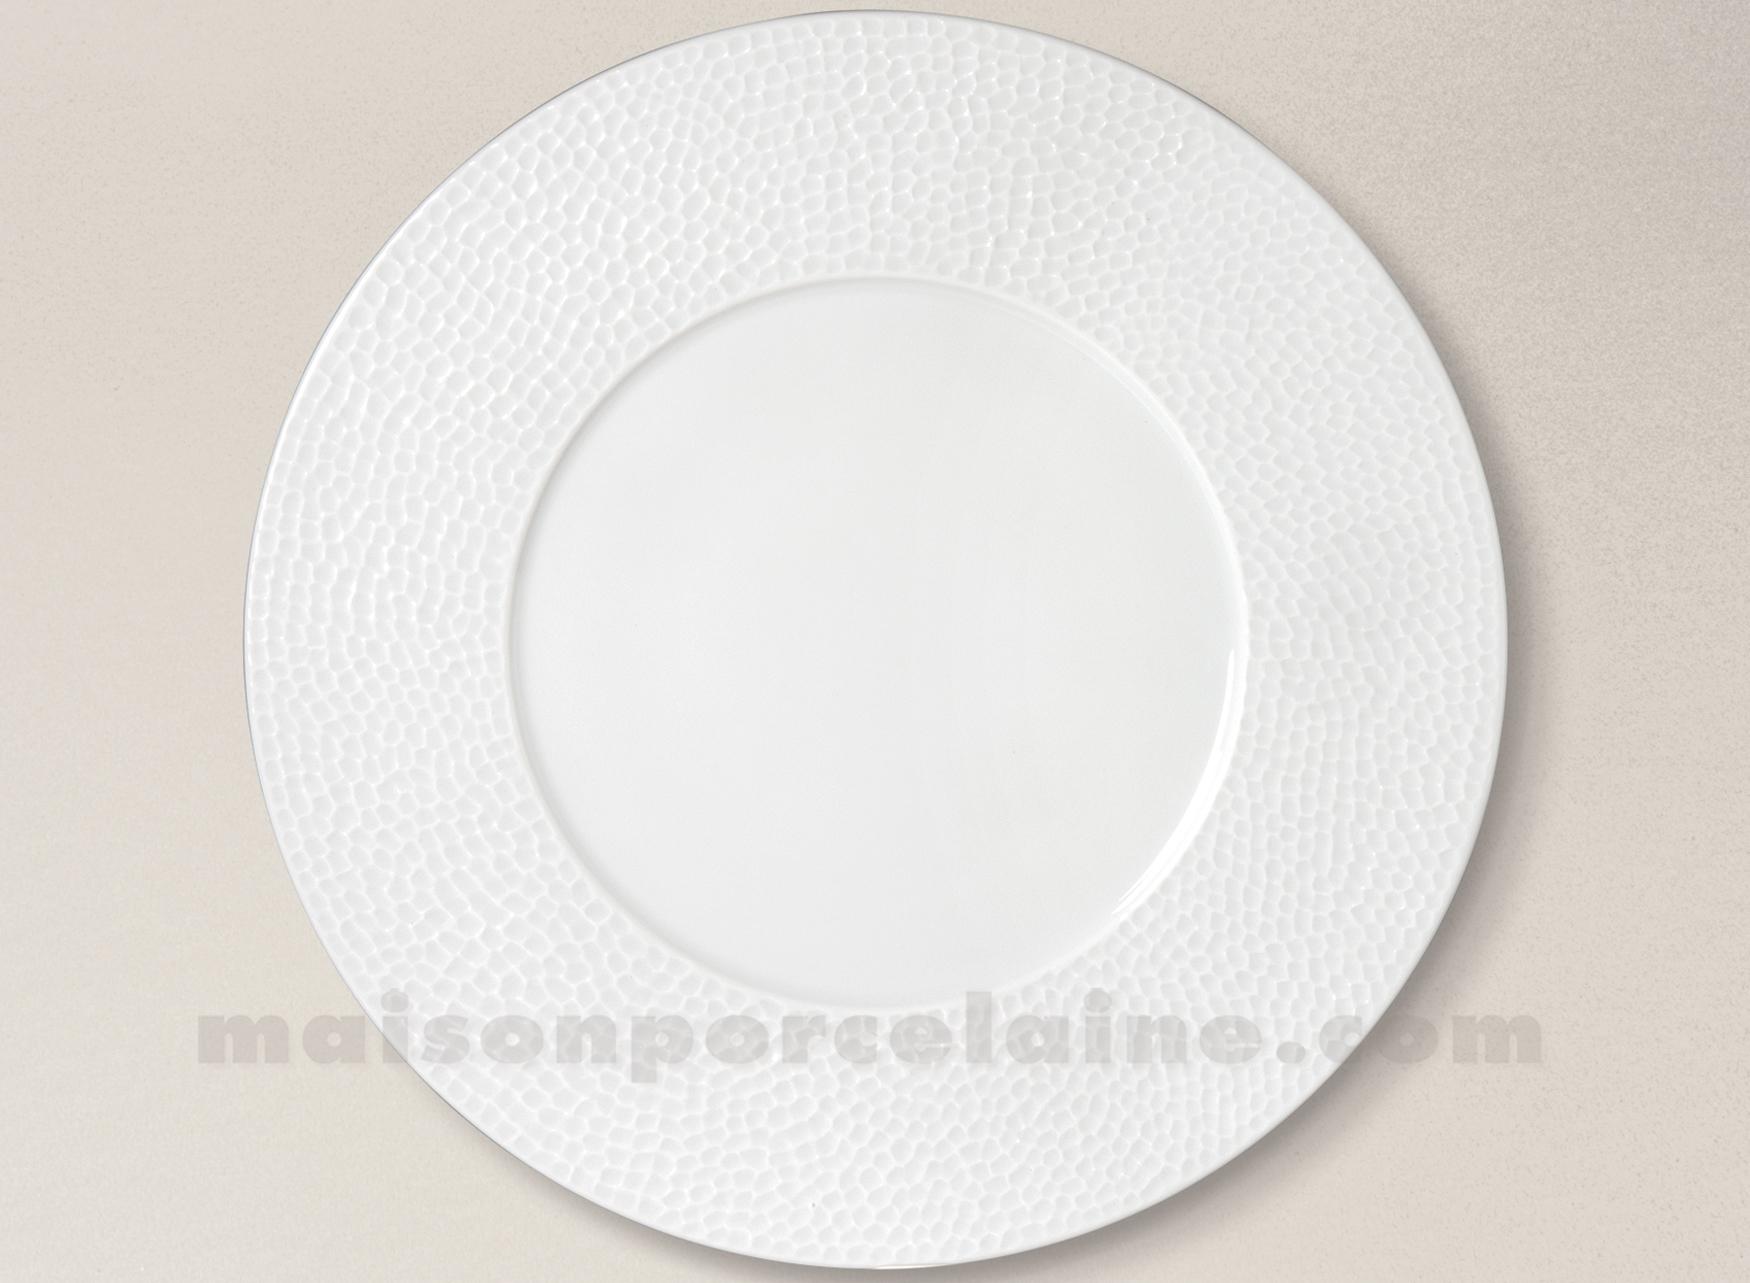 assiette presentation porcelaine blanche emulsion d31 maison de la porcelaine. Black Bedroom Furniture Sets. Home Design Ideas